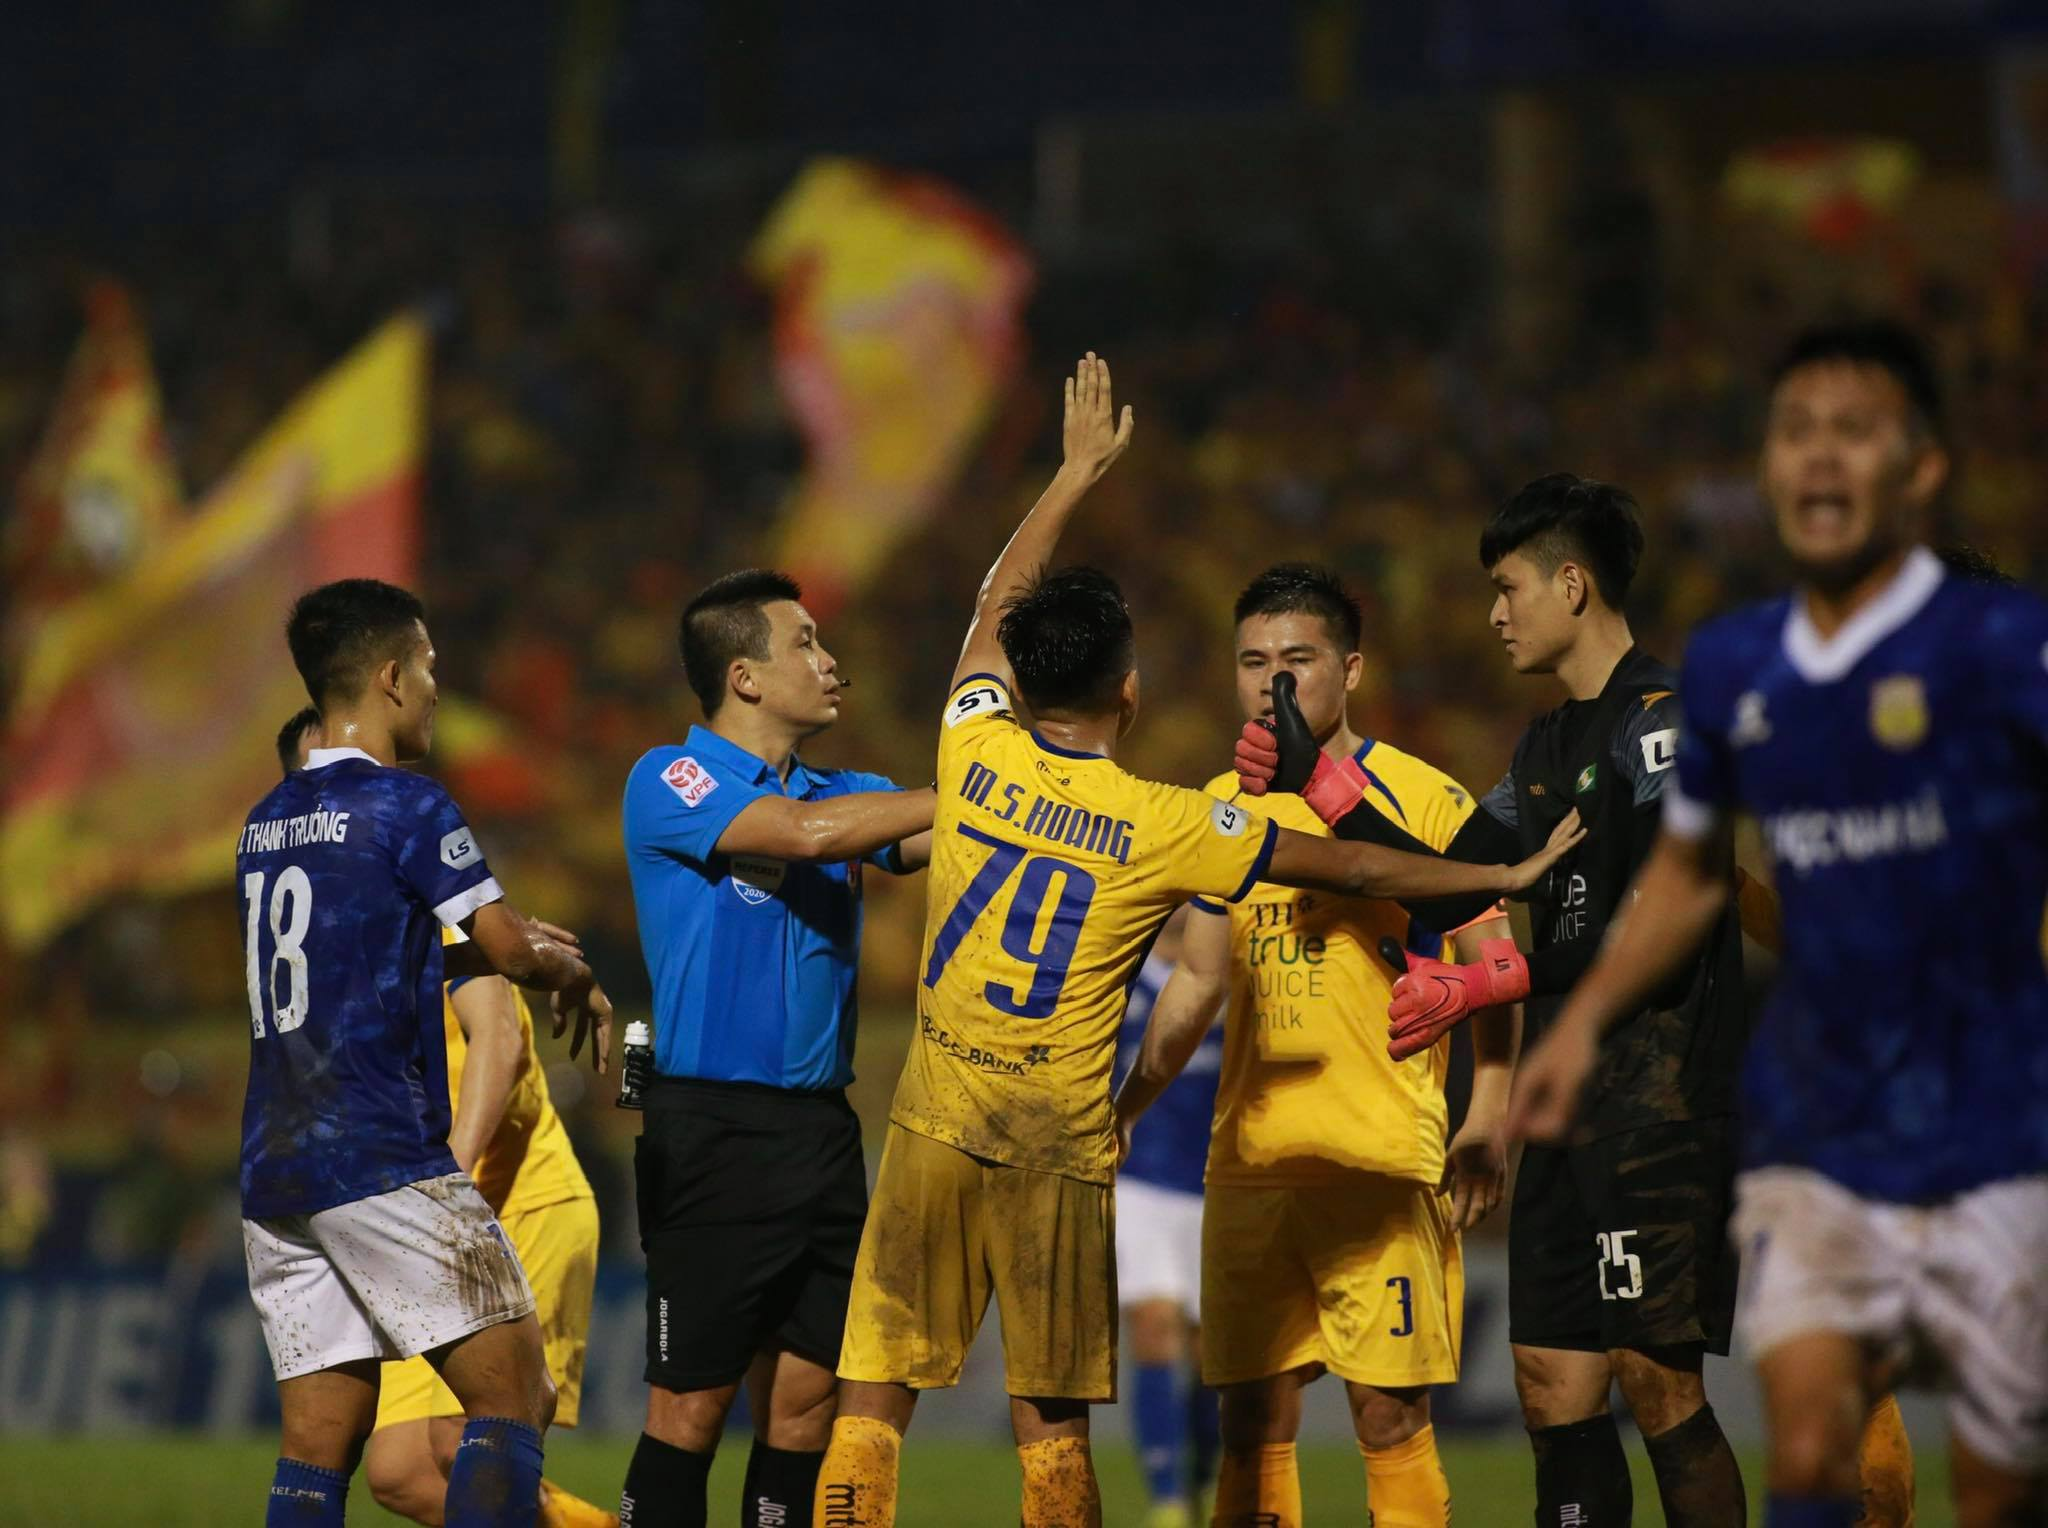 Trọng tài FIFA Hoàng Ngọc Hà có những quyết định chính xác trong trận đấu với SLNA và DNH.NĐ - Ảnh: LT